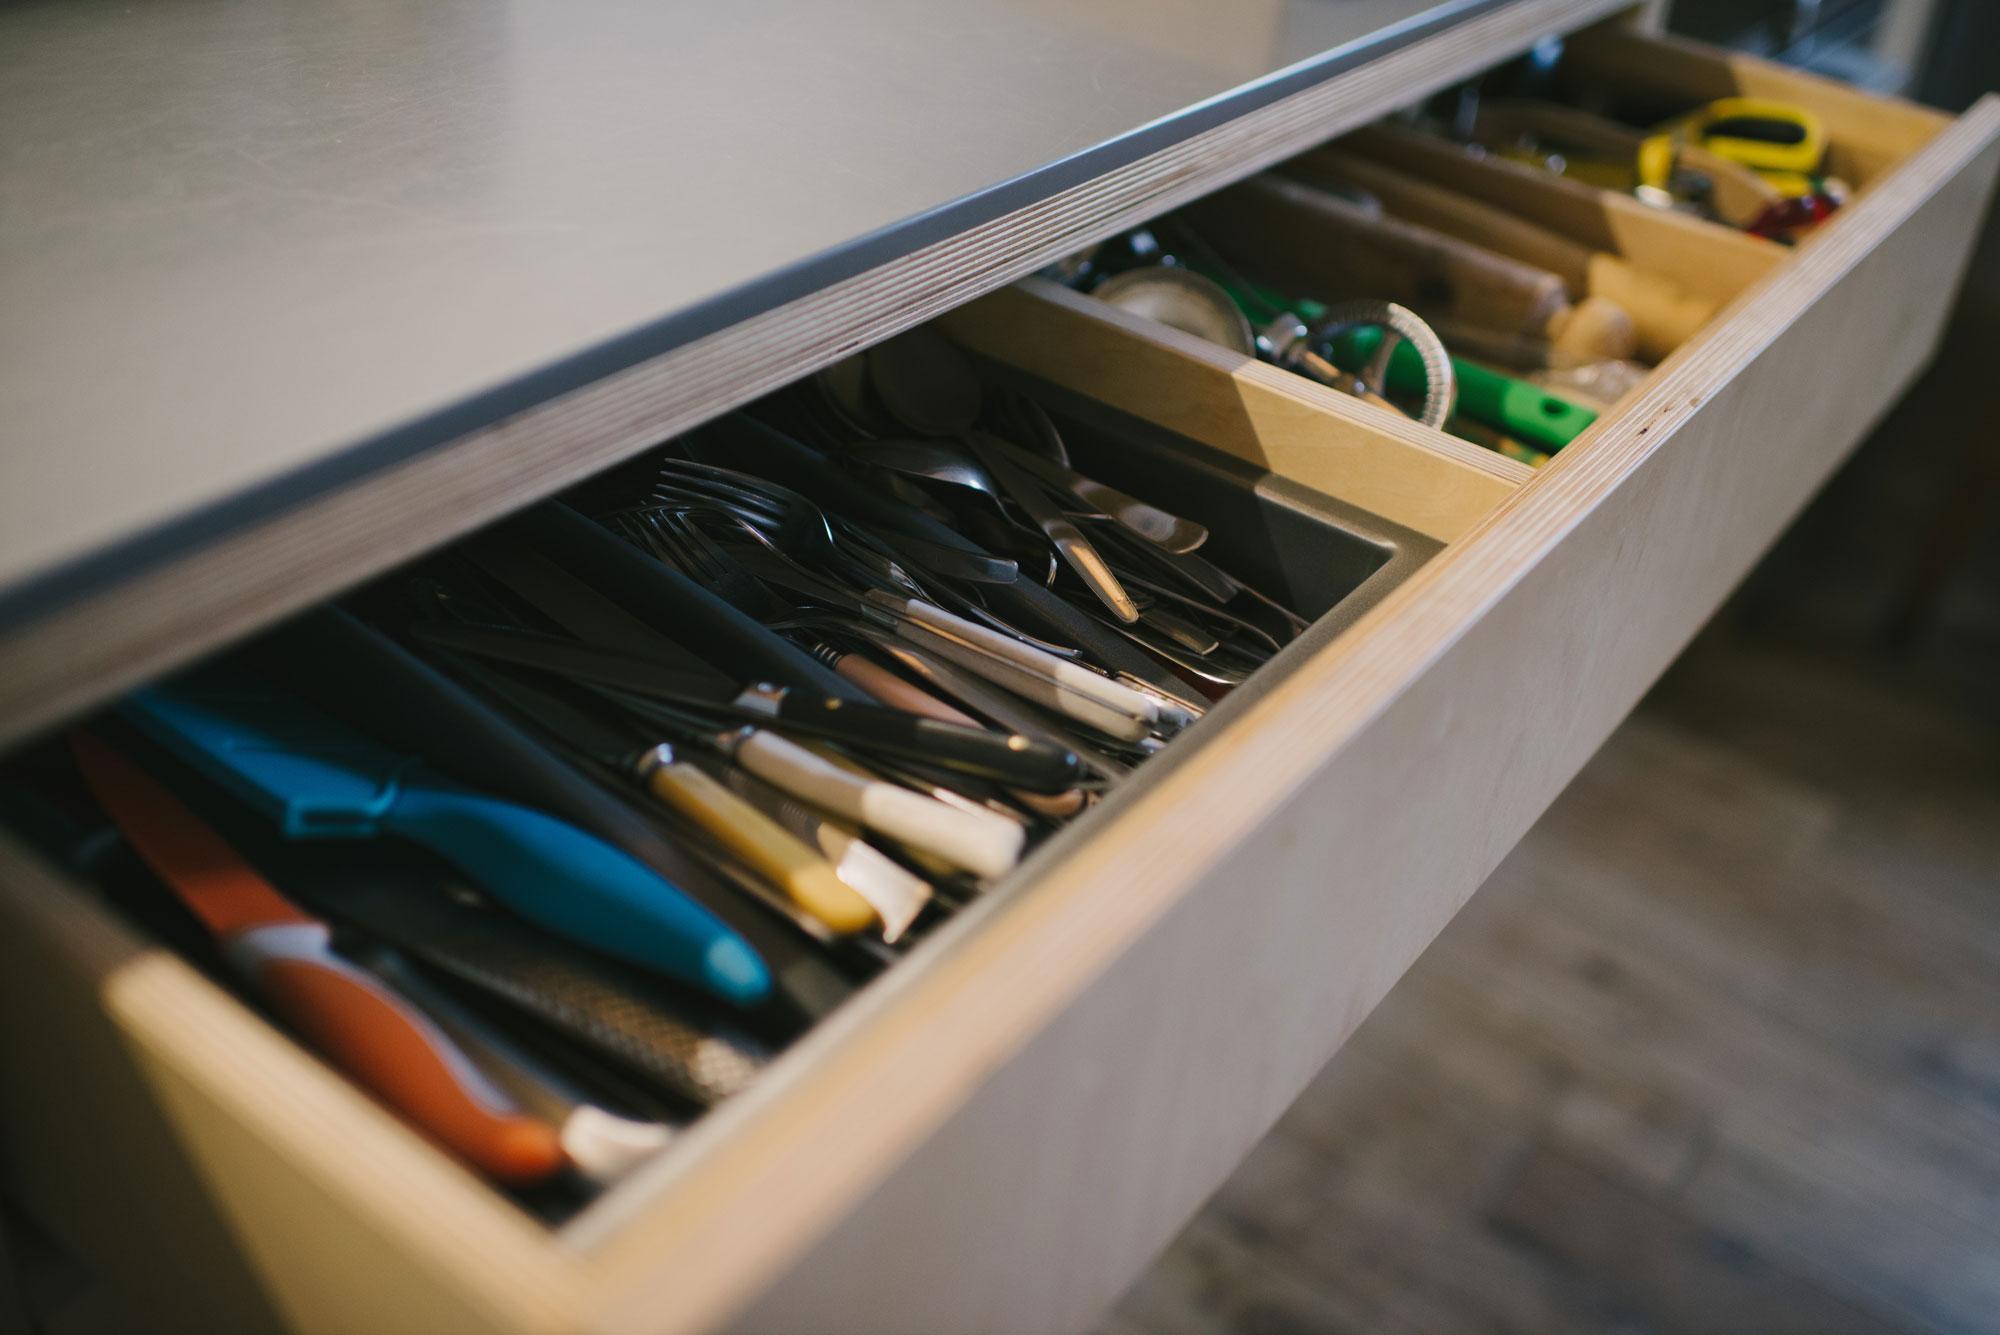 Birch ply kitchen cutlery drawer